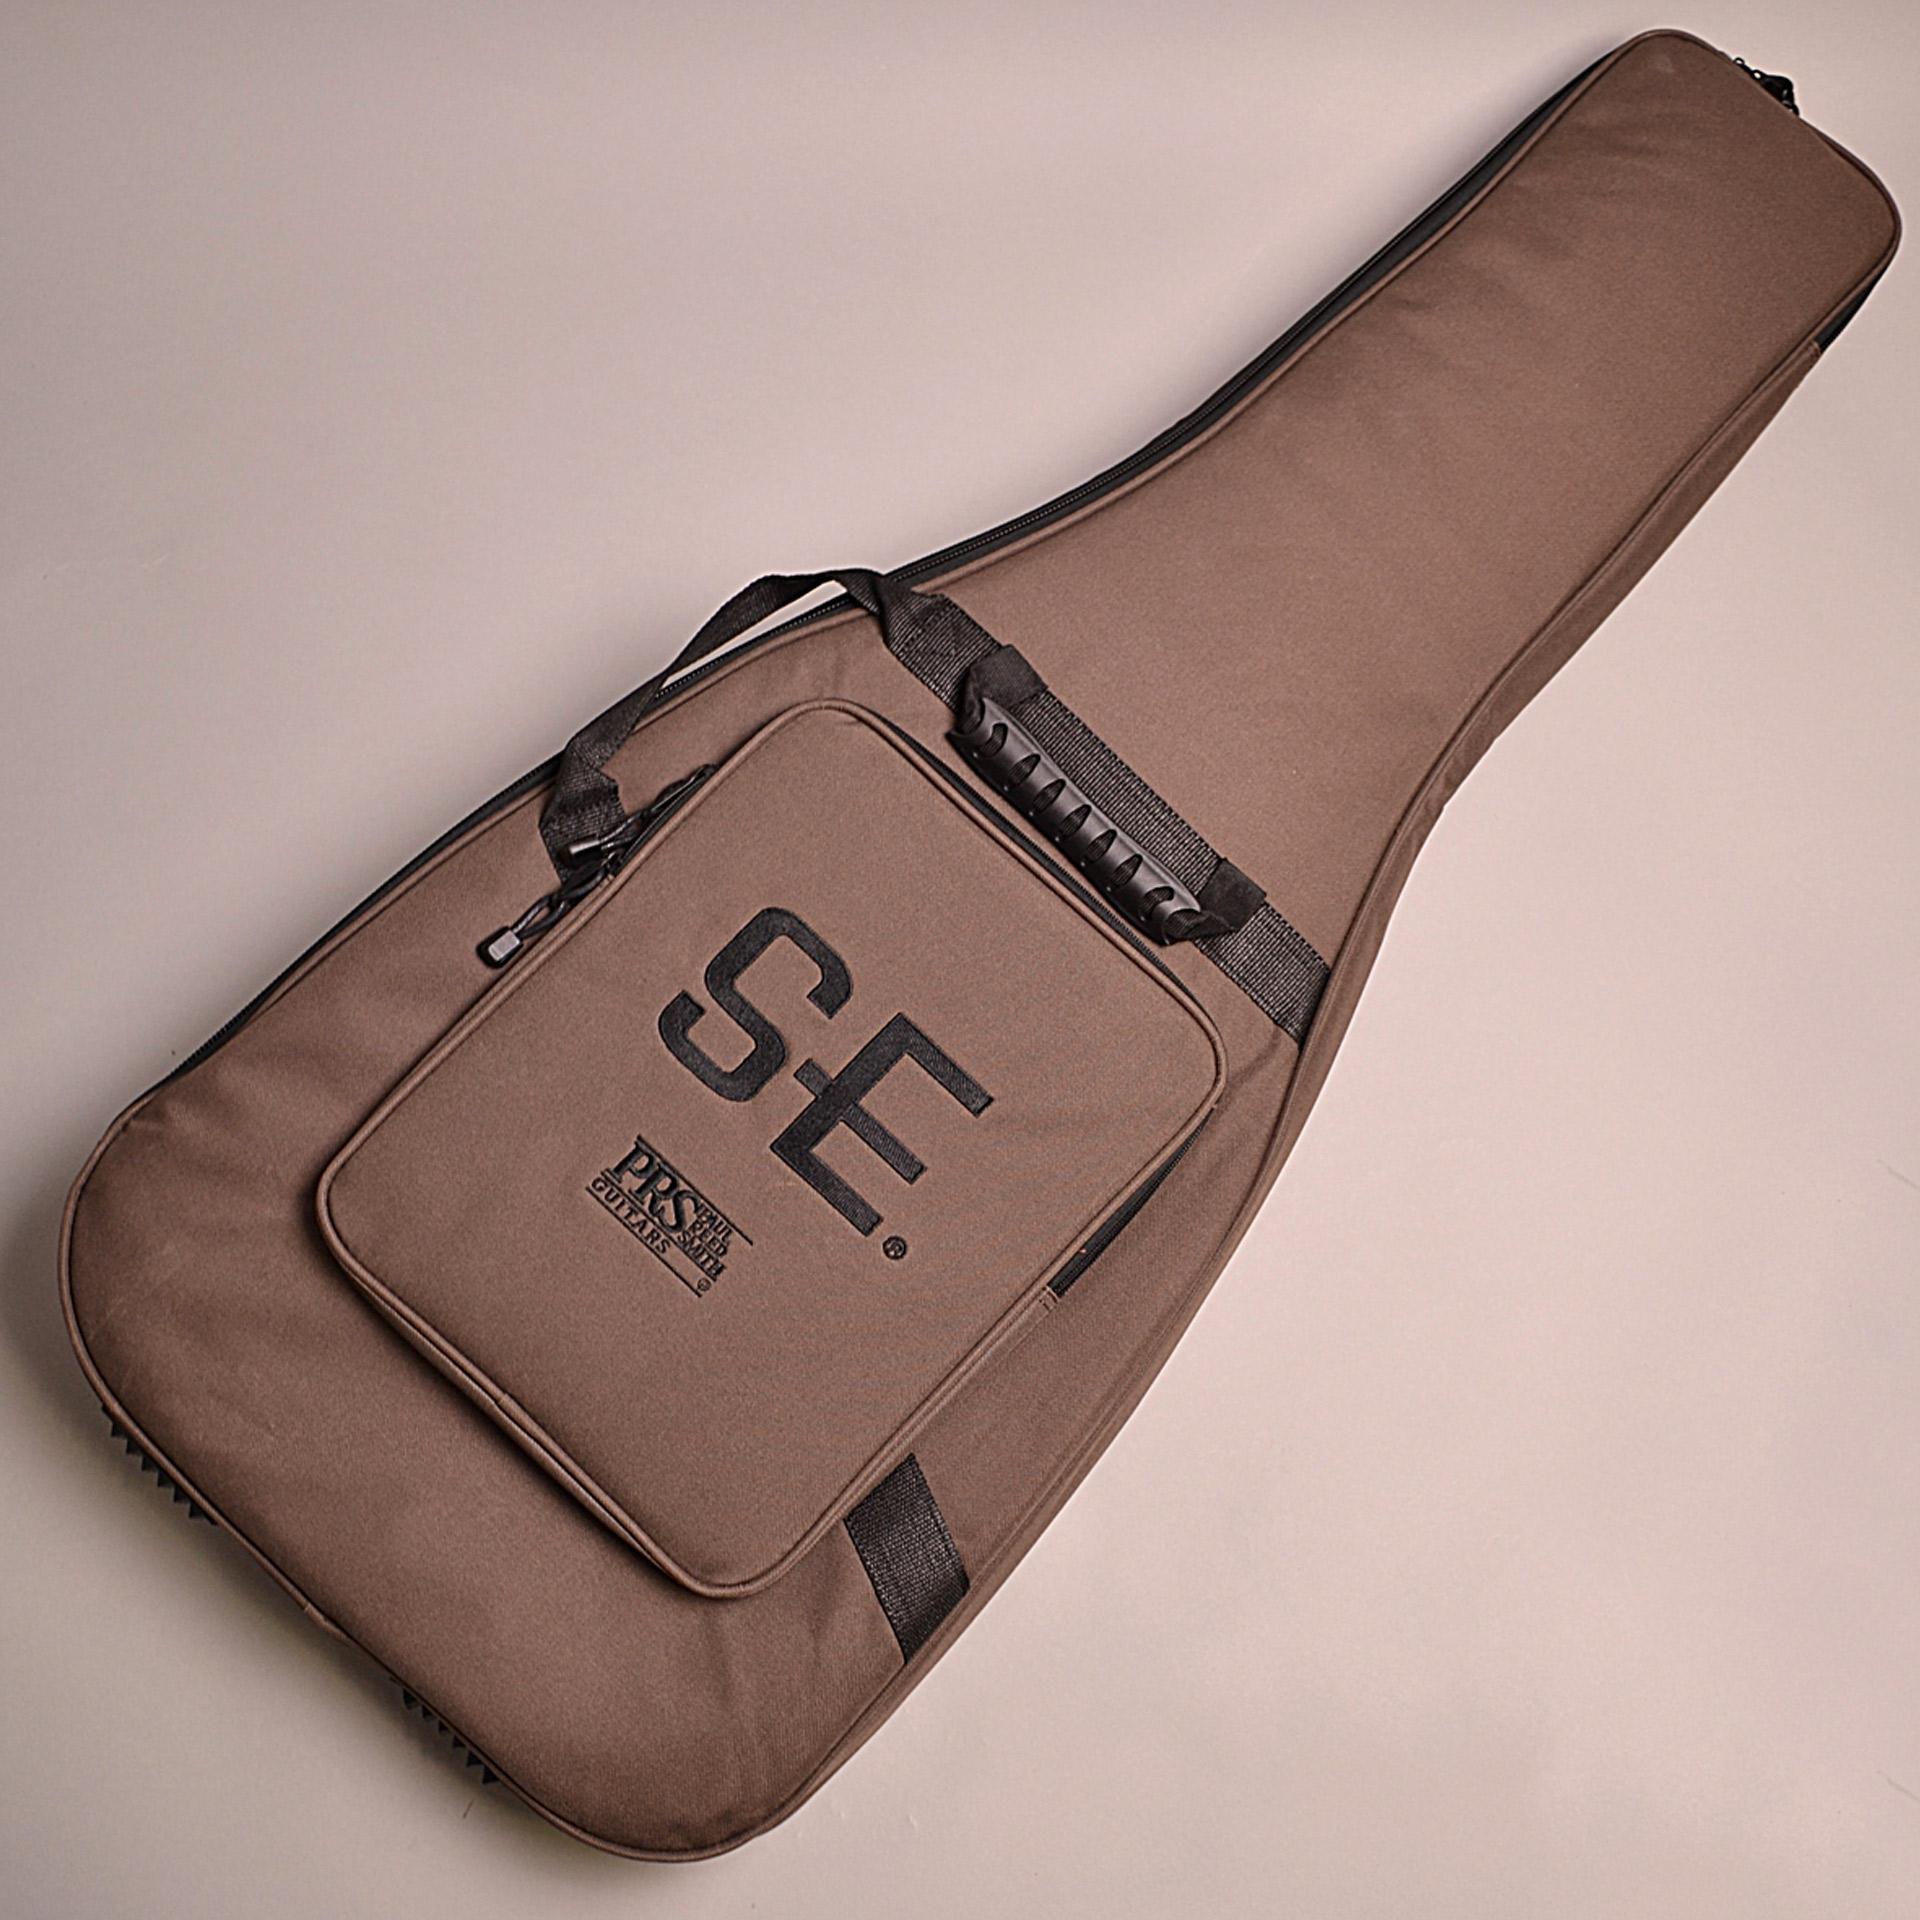 SE Custom24 Nのケース・その他画像